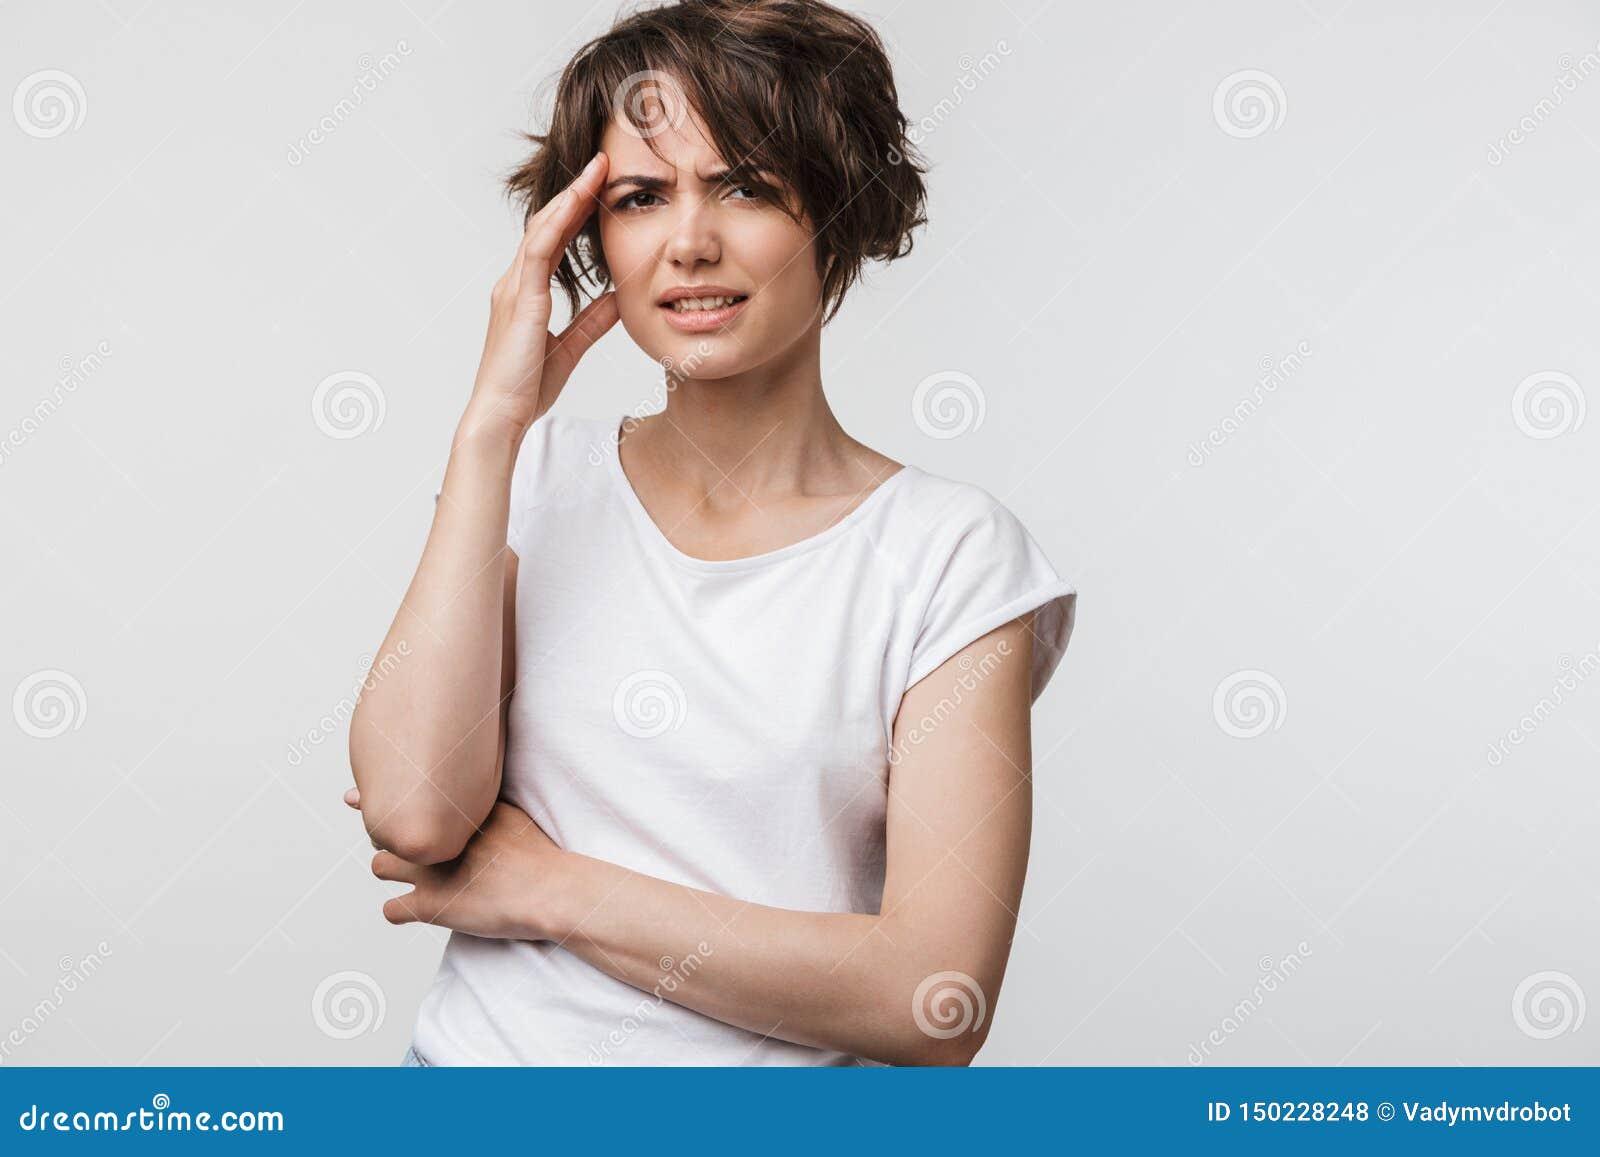 Foto av den upprivna kvinnan med kort brunt hår i den grundläggande t-skjortan som griper hennes huvud och gnider tempel på grund